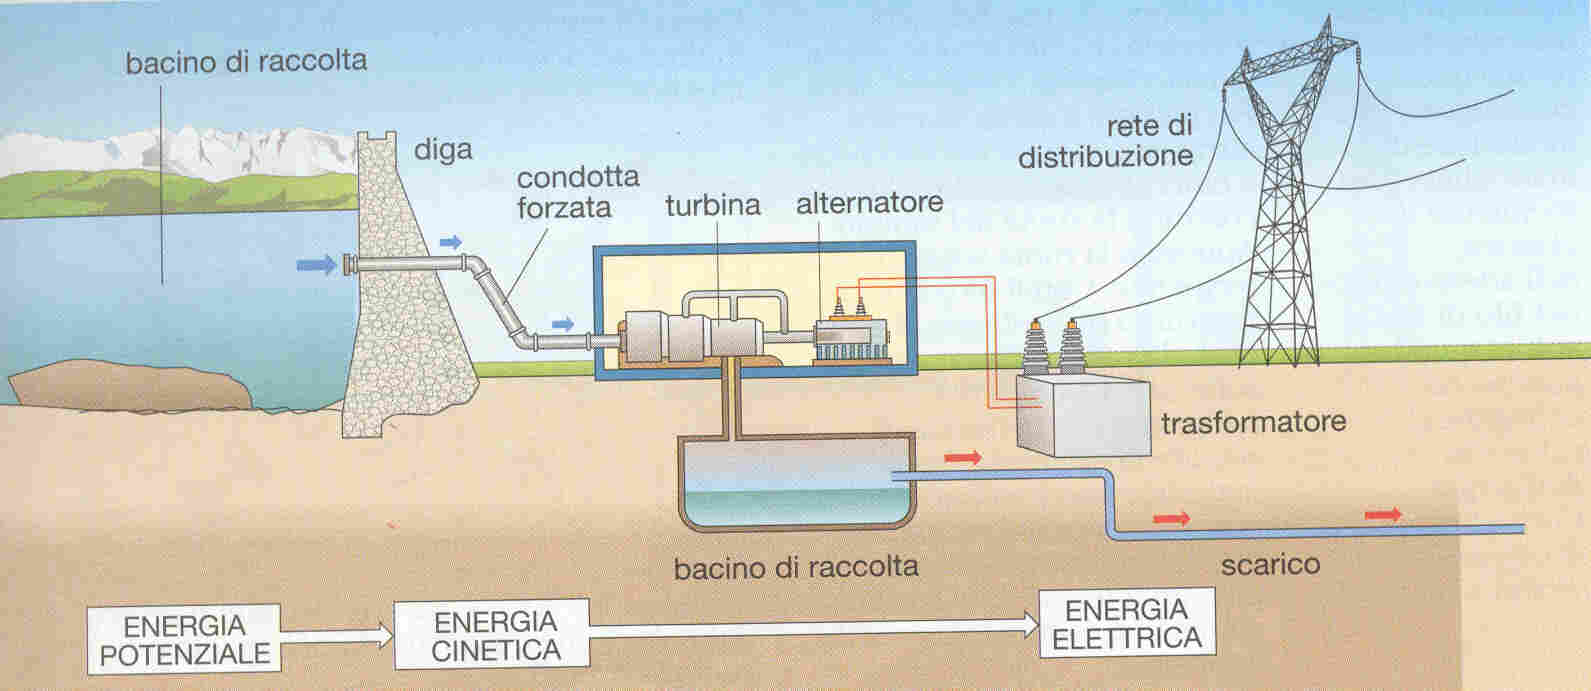 Centrale idroelettrica tecnologia for Linee d acqua pex vs rame